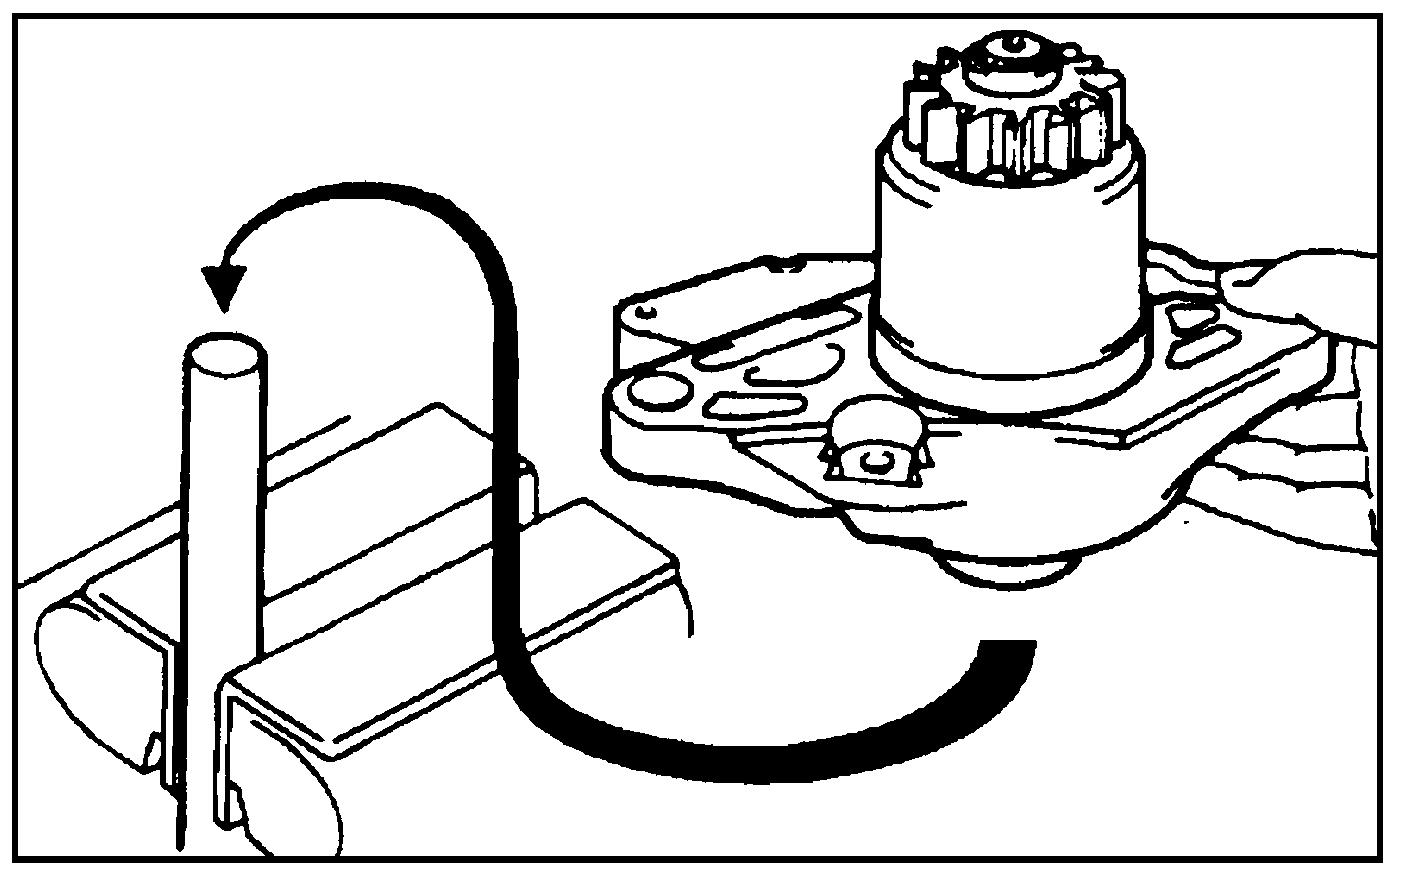 Установка крышки стартера для снятия бендикса